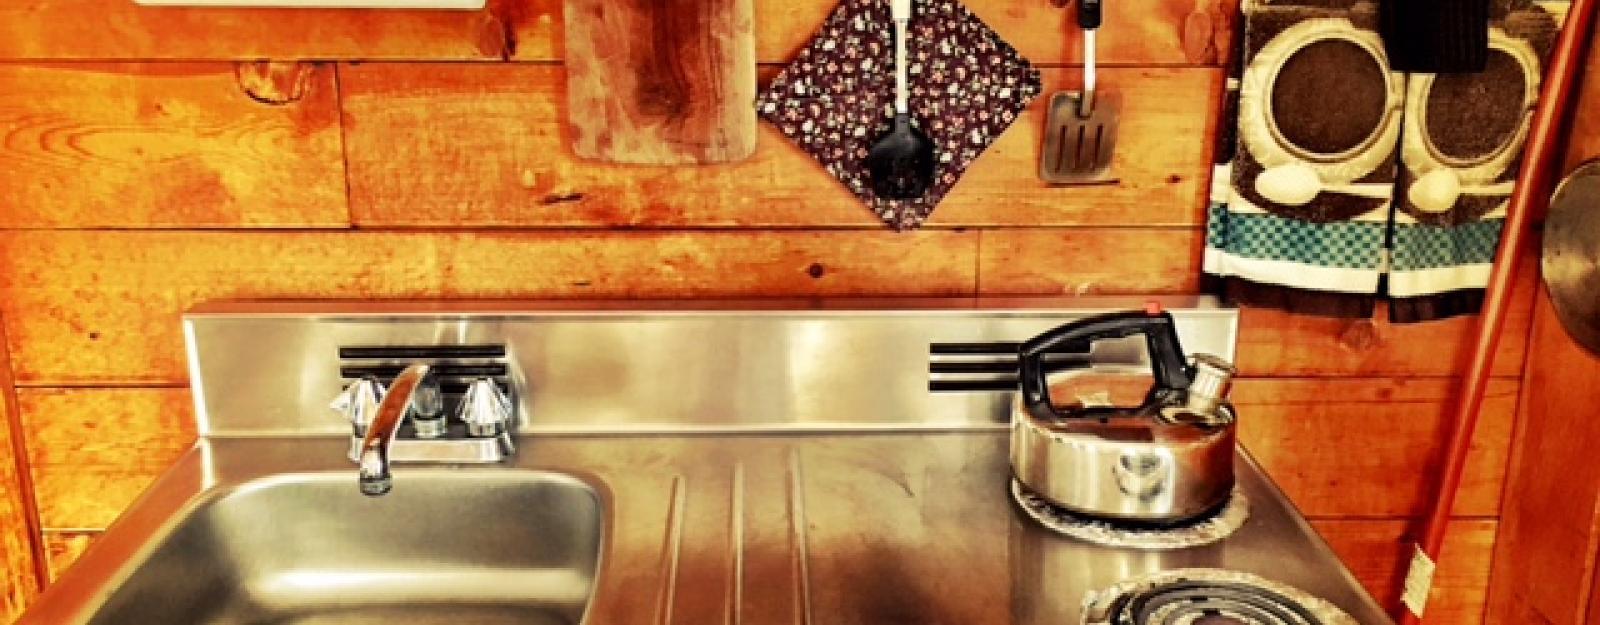 Retro Kitchenette at Cuthbertson Cabin. Highland Loge, Vermont.